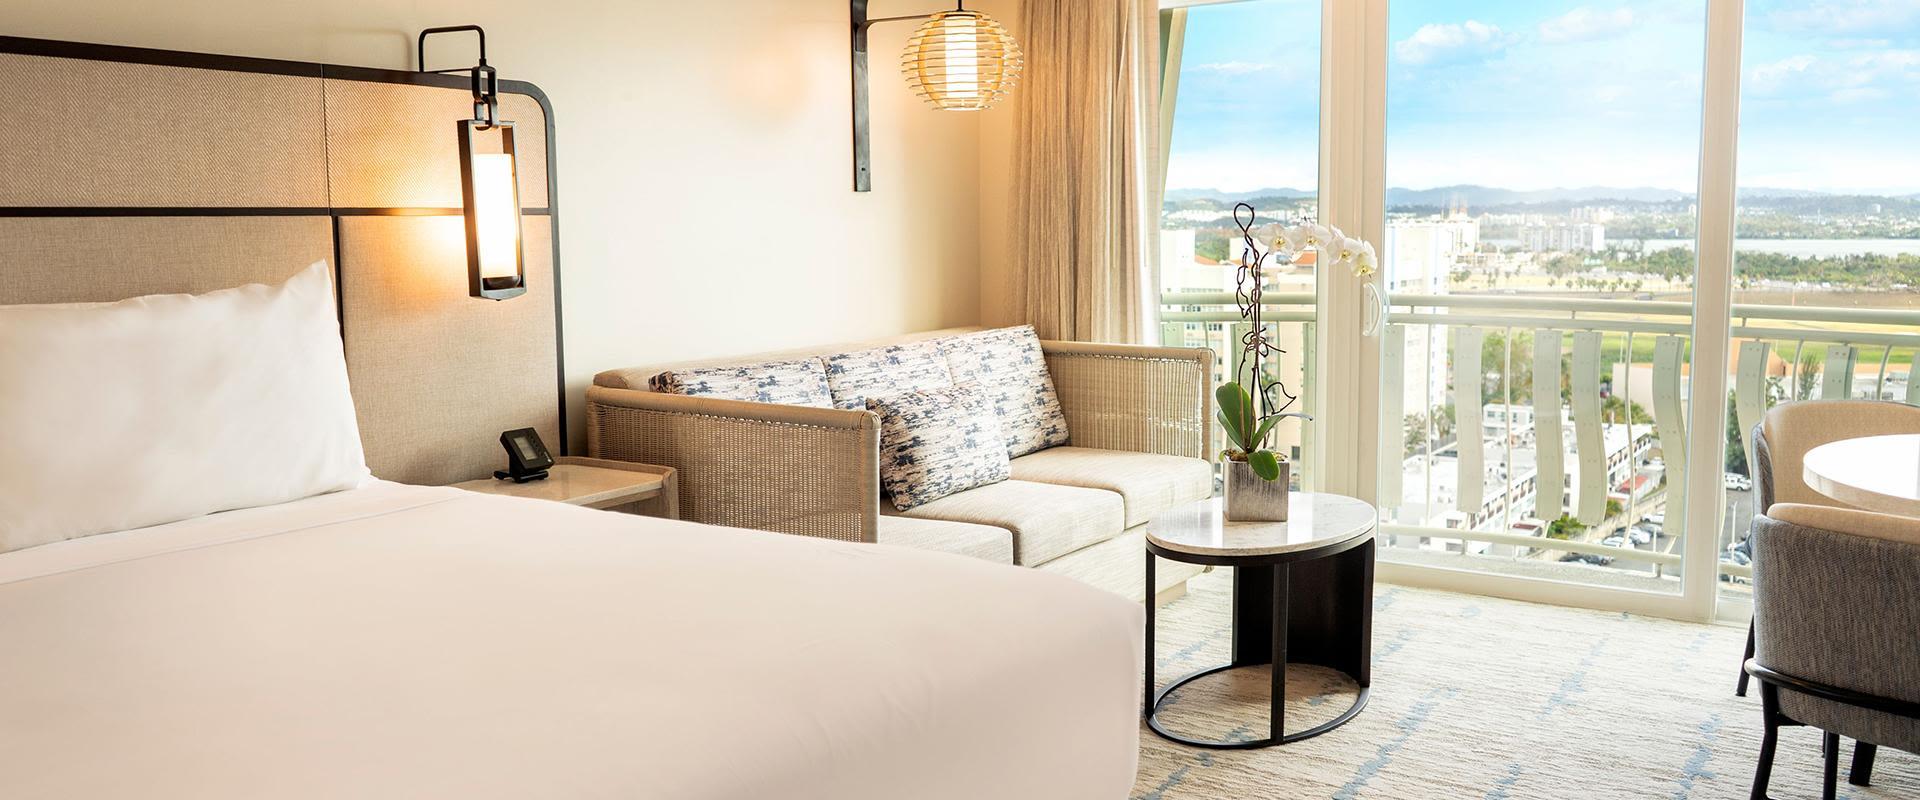 San Juan Resort Guest Room Laguna View